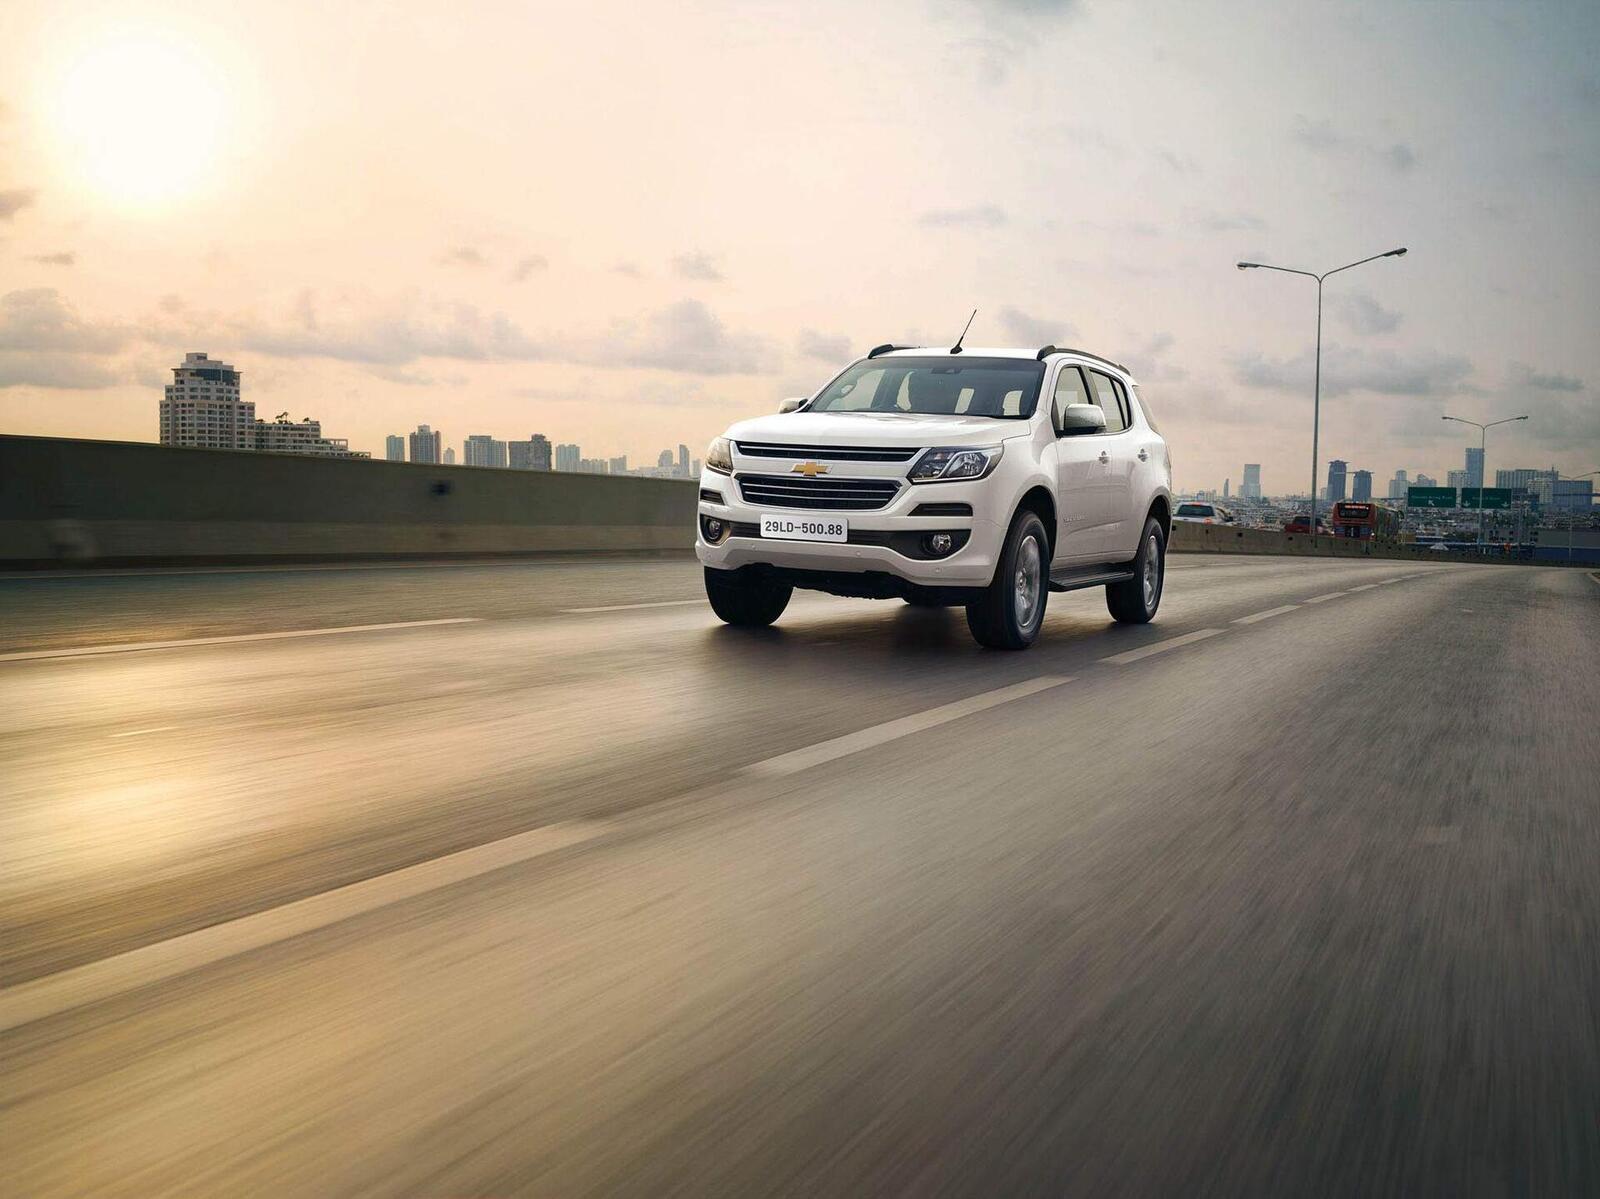 So sánh giá bán của Toyota Fortuner và Chevrolet Trailblazer - Hình 14